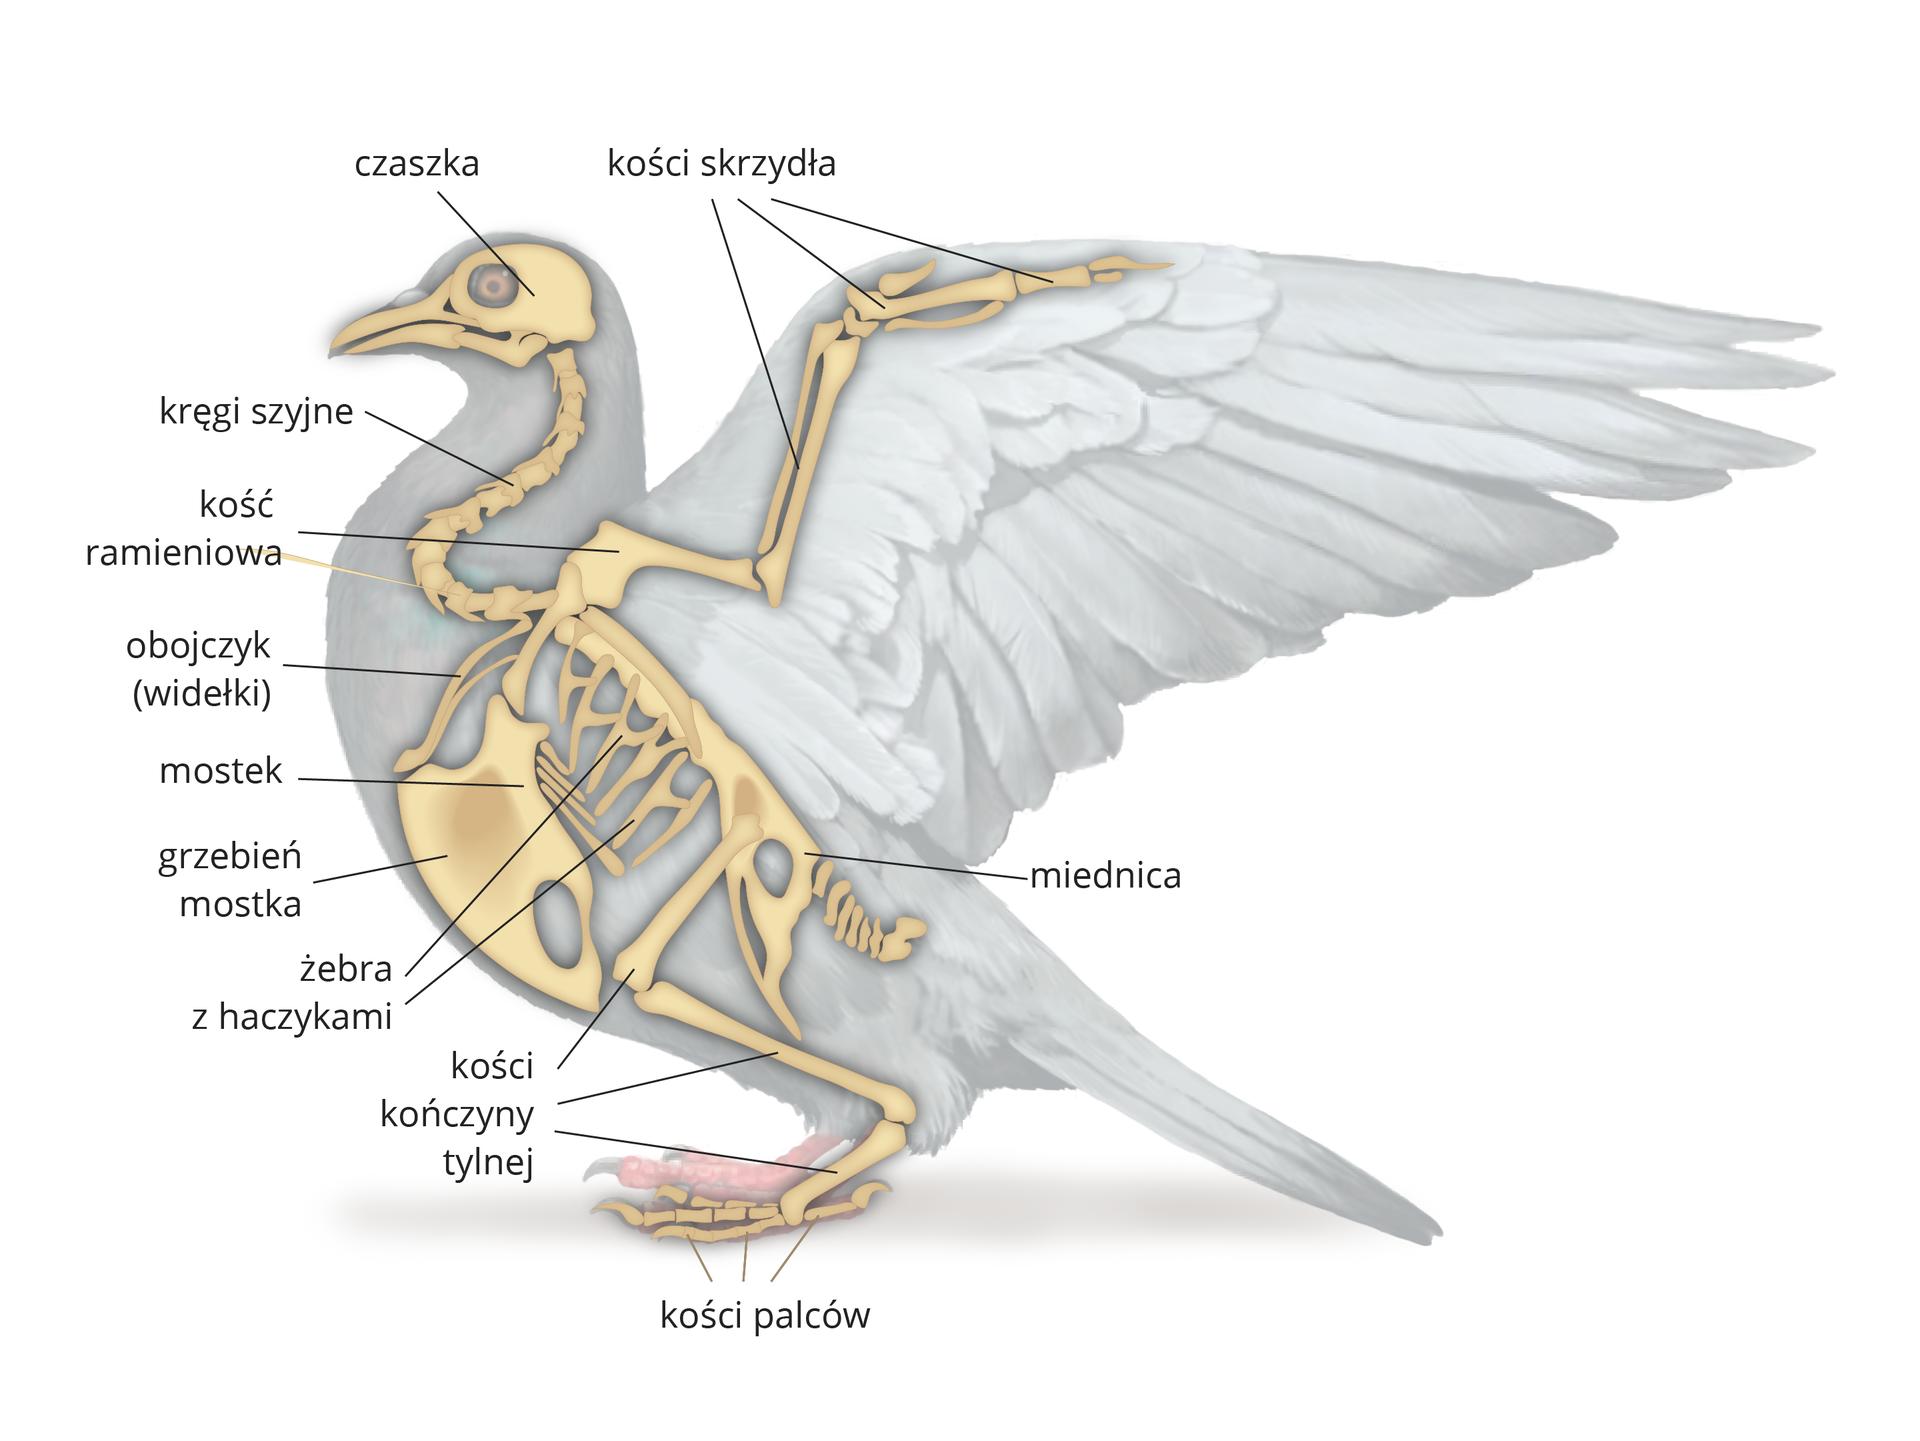 Ilustracja przedstawia zboku szarą sylwetkę gołębia zrozłożonym skrzydłem. Wrysowano bladożółty układ kostny. Od góry: czaszka, kręgi szyjne. Od kości ramieniowej wbok kości skrzydeł. Wtułowiu: obojczyk, szeroki mostek zgrzebieniem, żebra zhaczykami iczęściowo zrośnięty kręgosłup. Niżej miednica ikości kończyny tylnej zkośćmi palców.